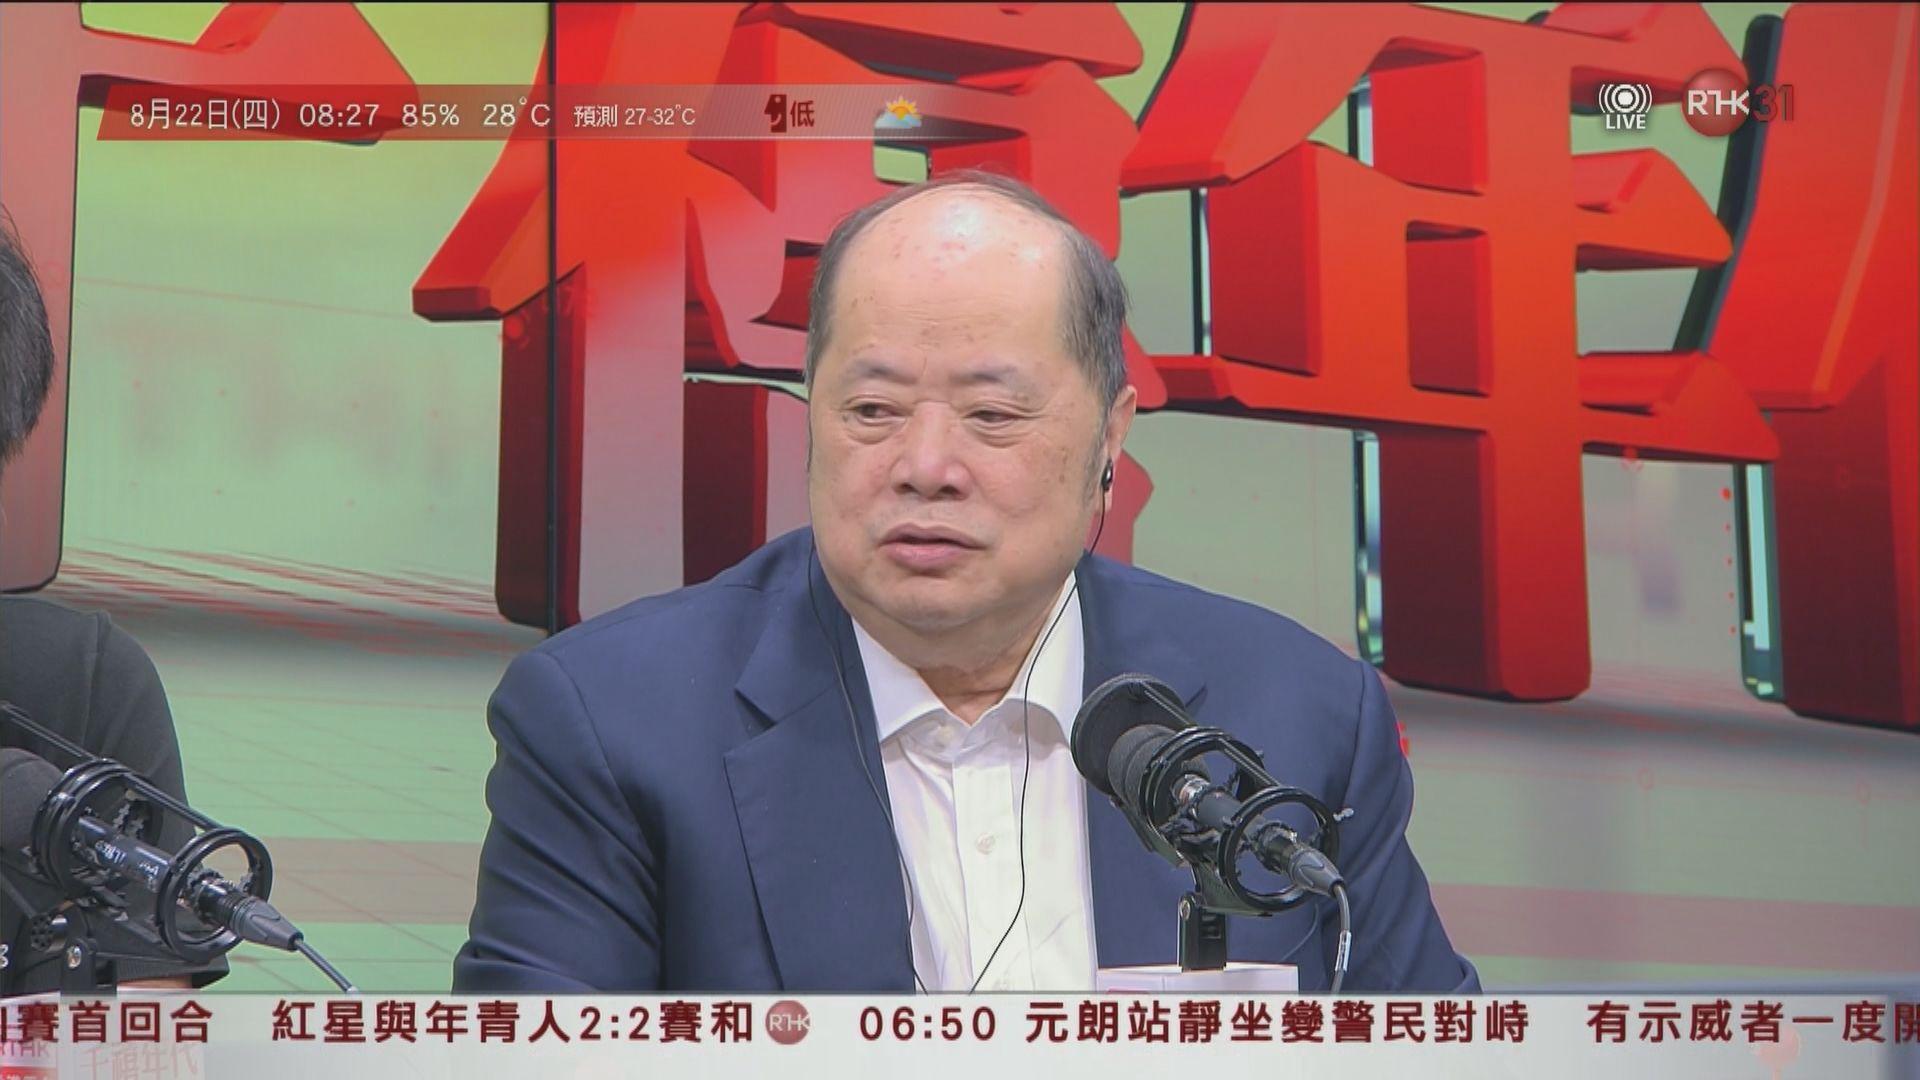 張華峰:涉七月二日前事件監警會可半年內提交中期報告